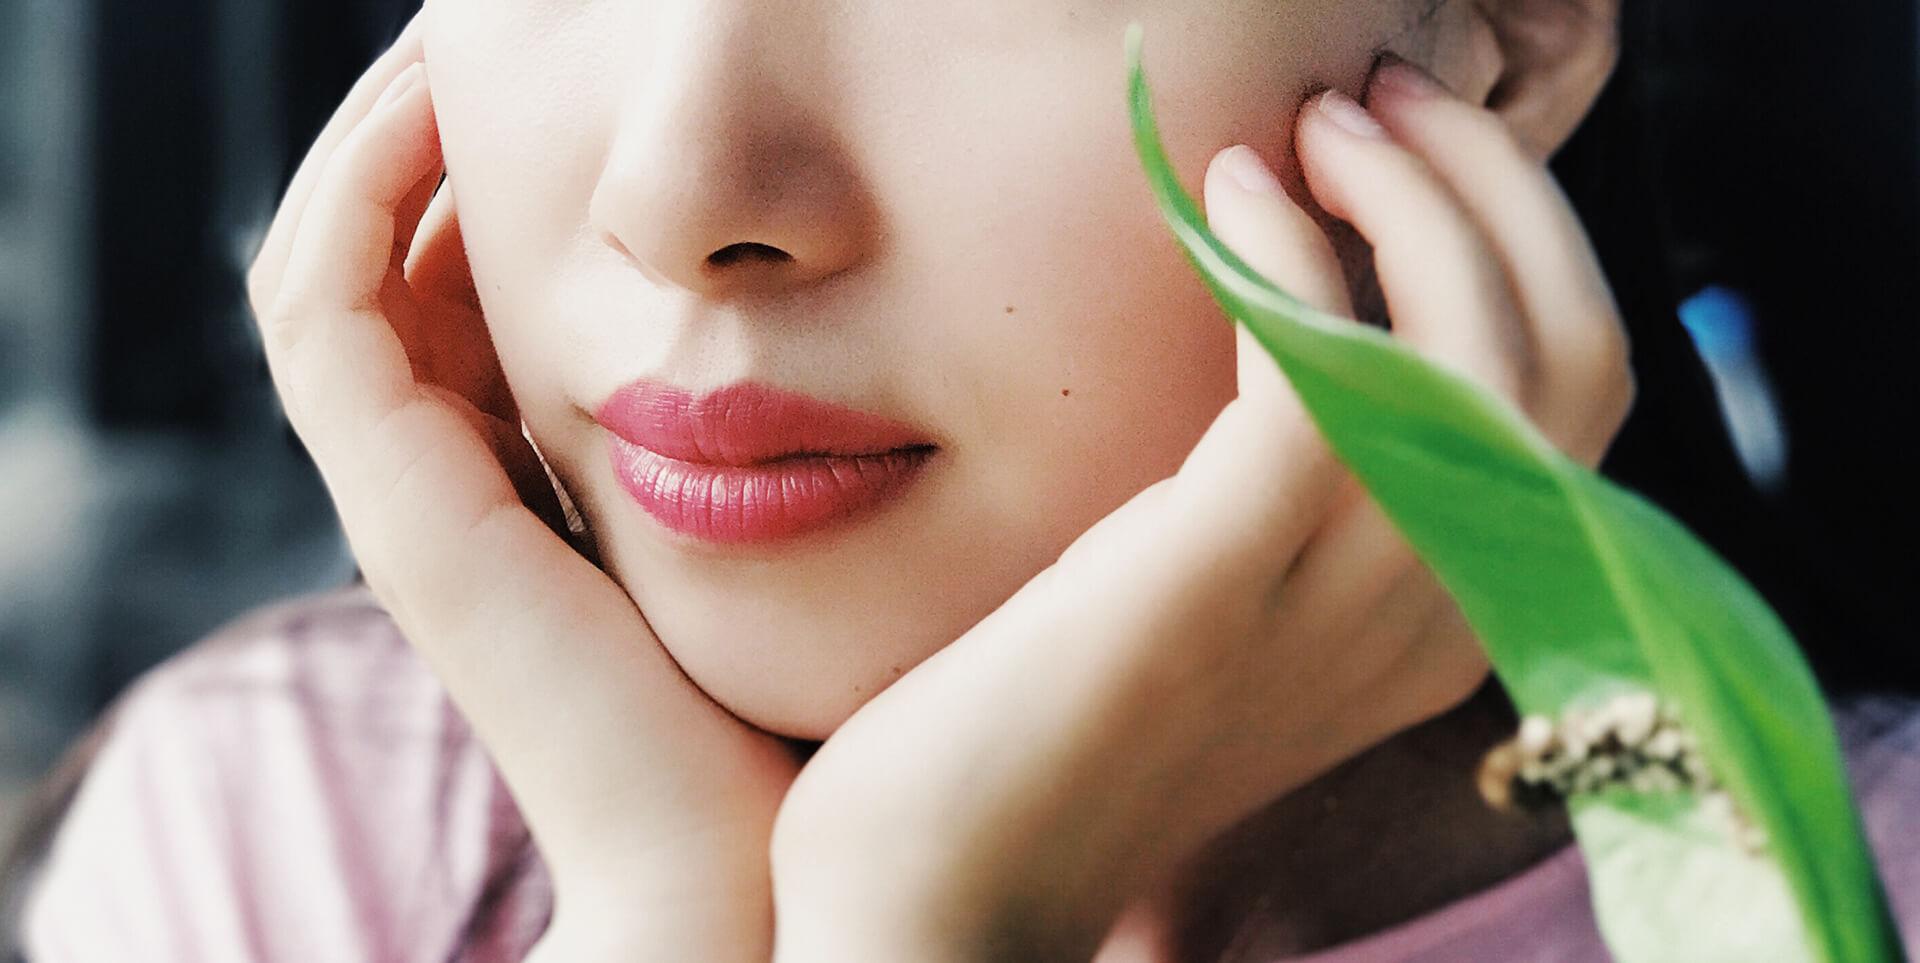 Bichectomia não resolve papada nem assimetria facial